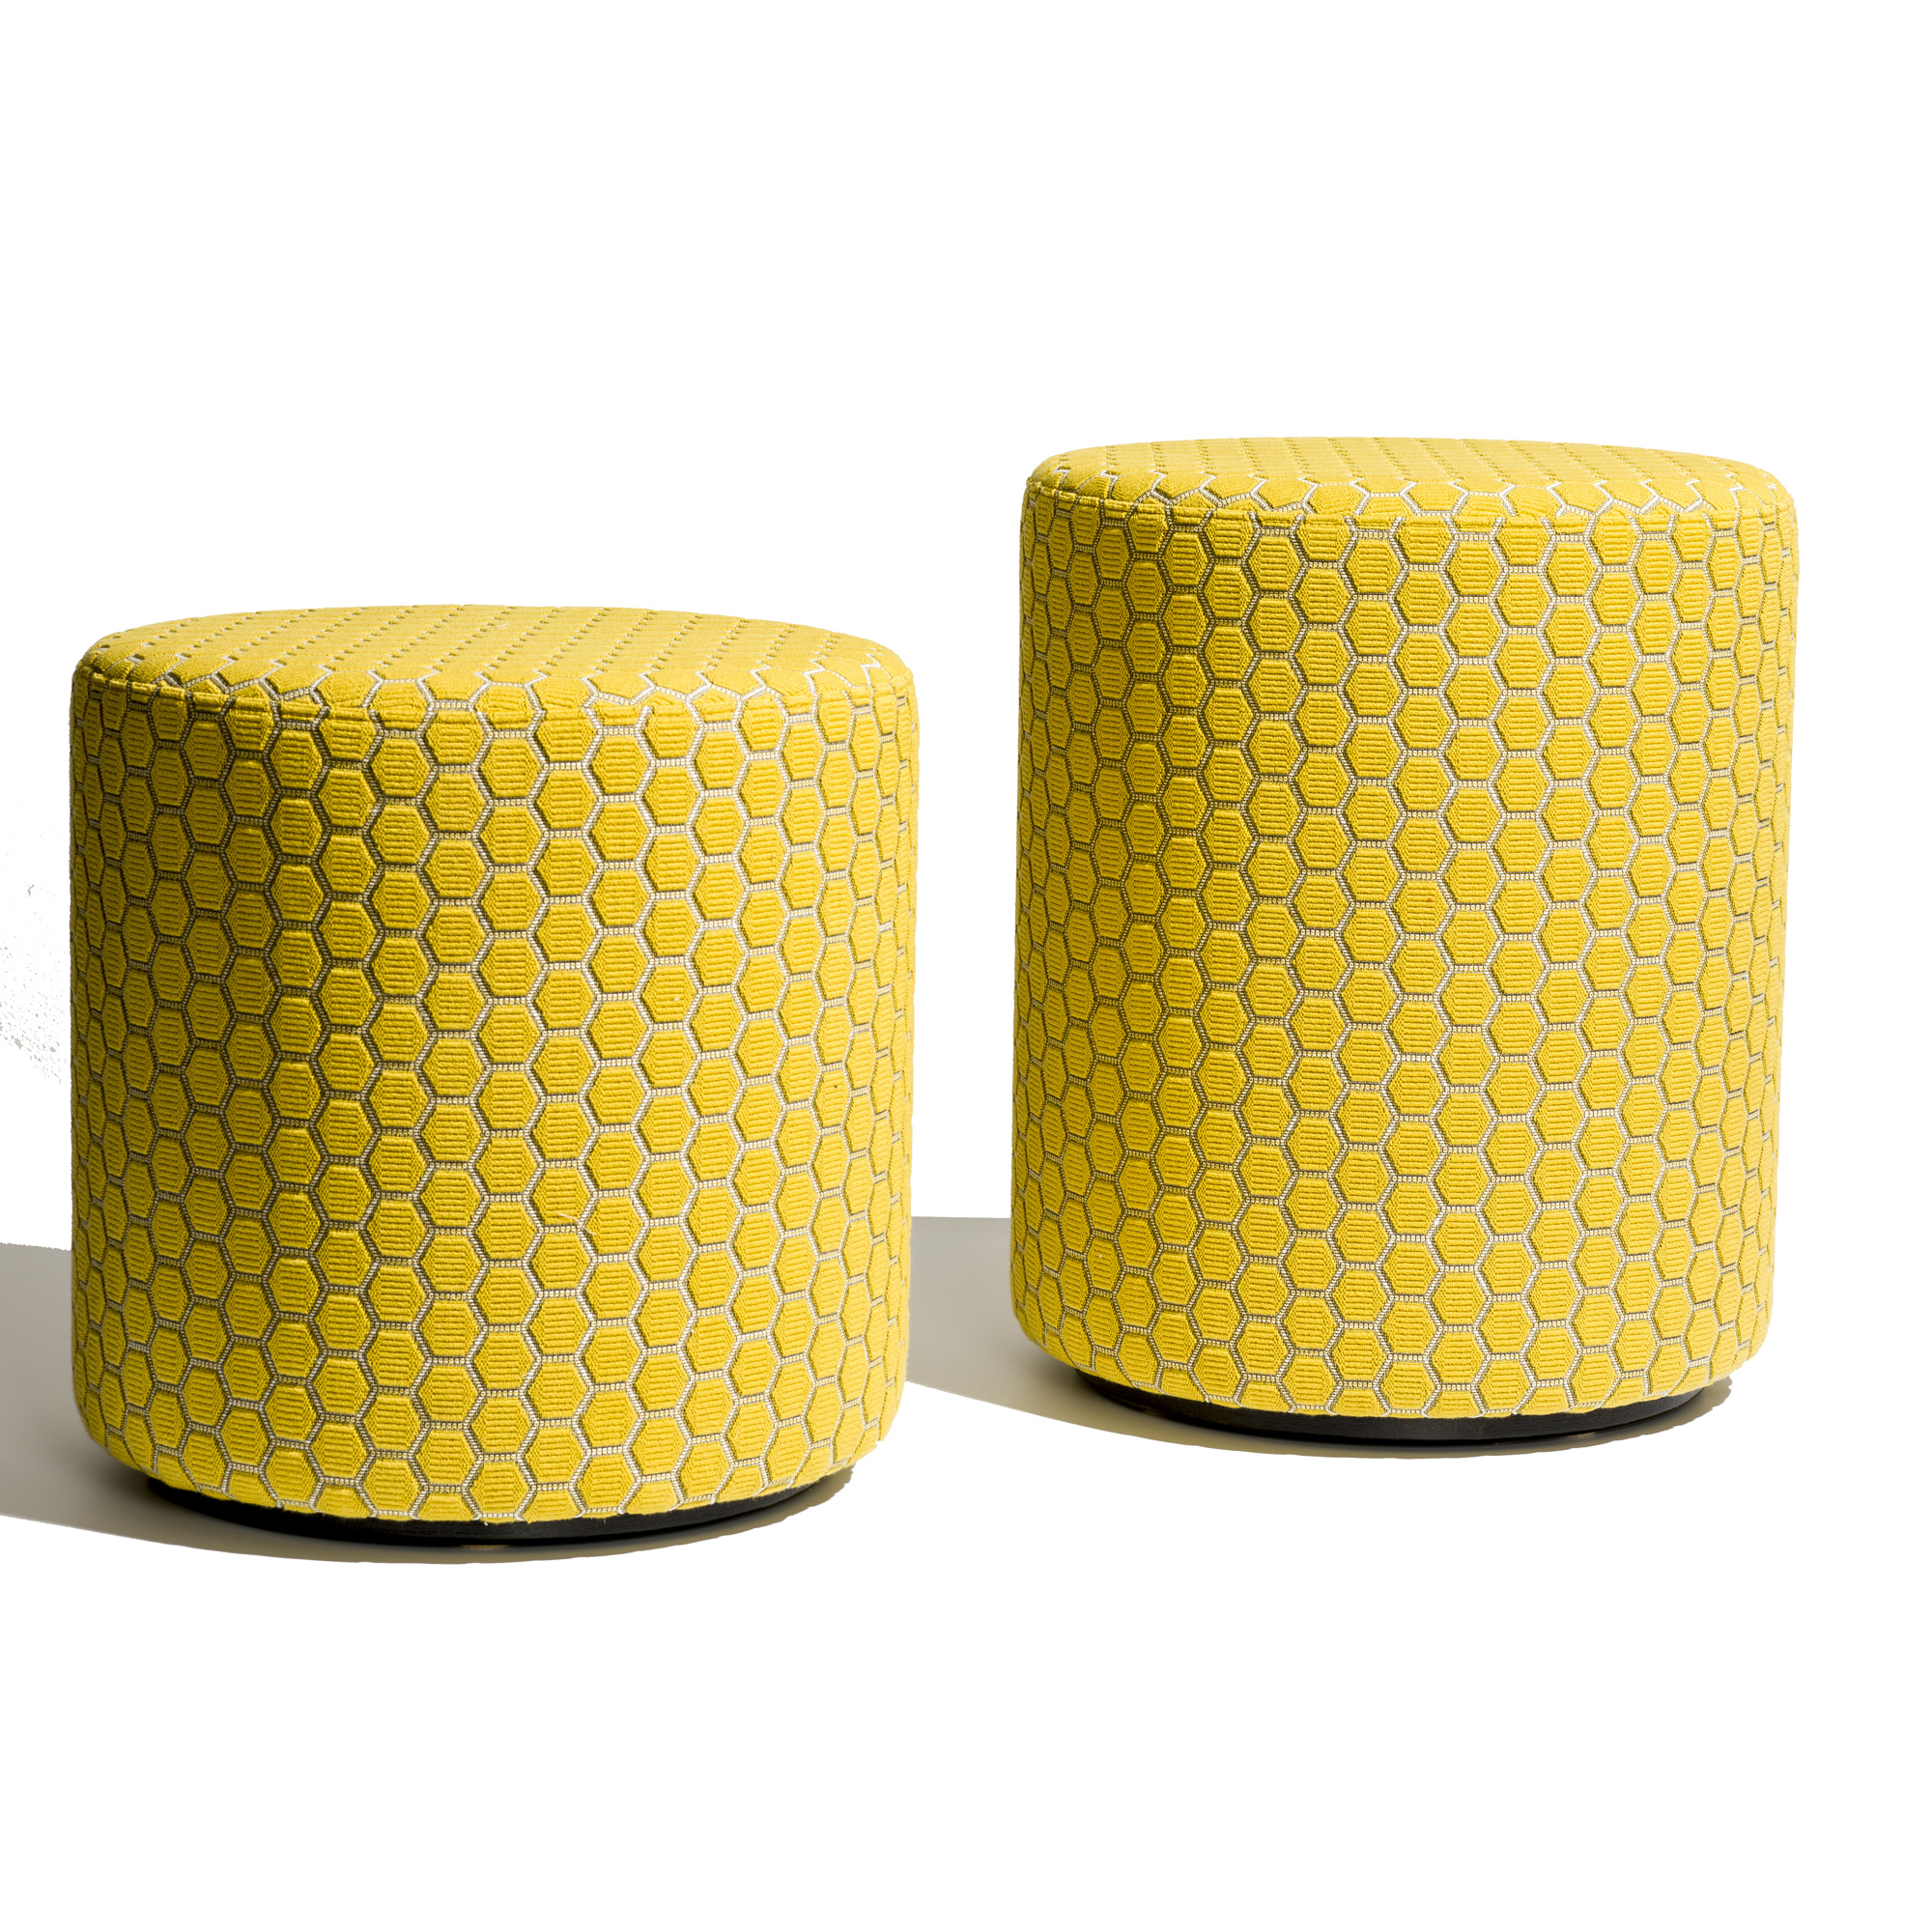 Garnier Ledoux yellow pouffe